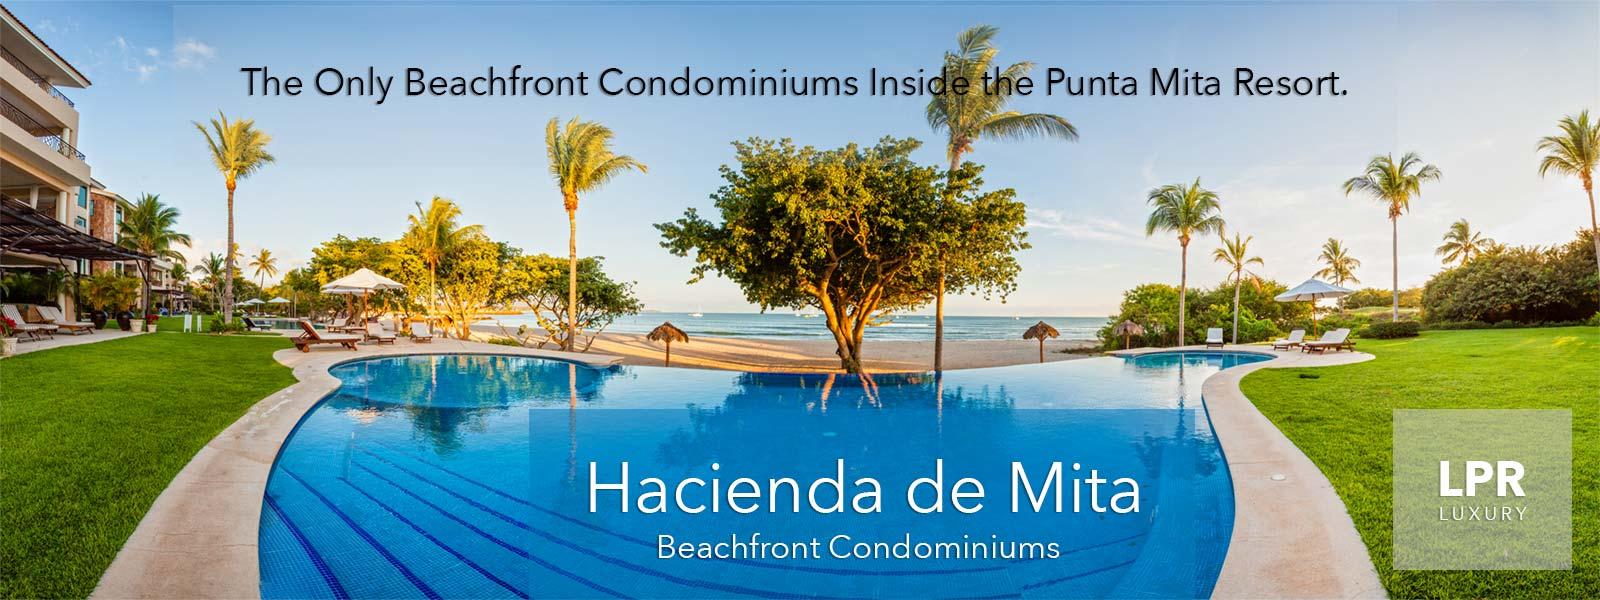 Hacienda de Mita Luxury Condos at the Exlusive Punta Mita Resort, Mexico